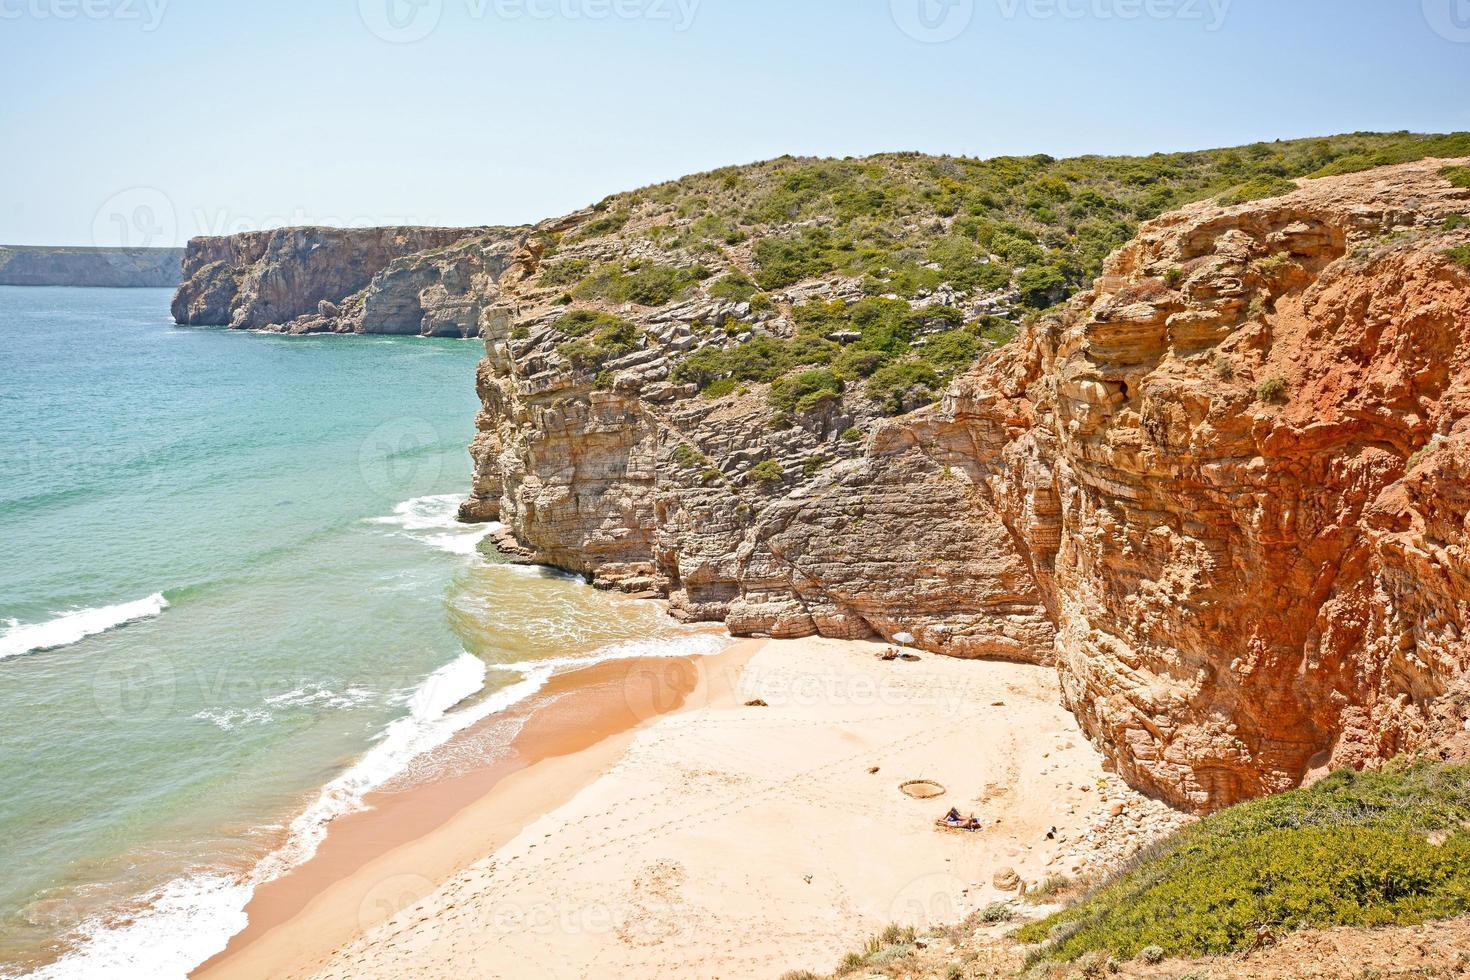 Praia do Beliche, Beach near Cabo Sao Vicente, Algarve Portugal photo